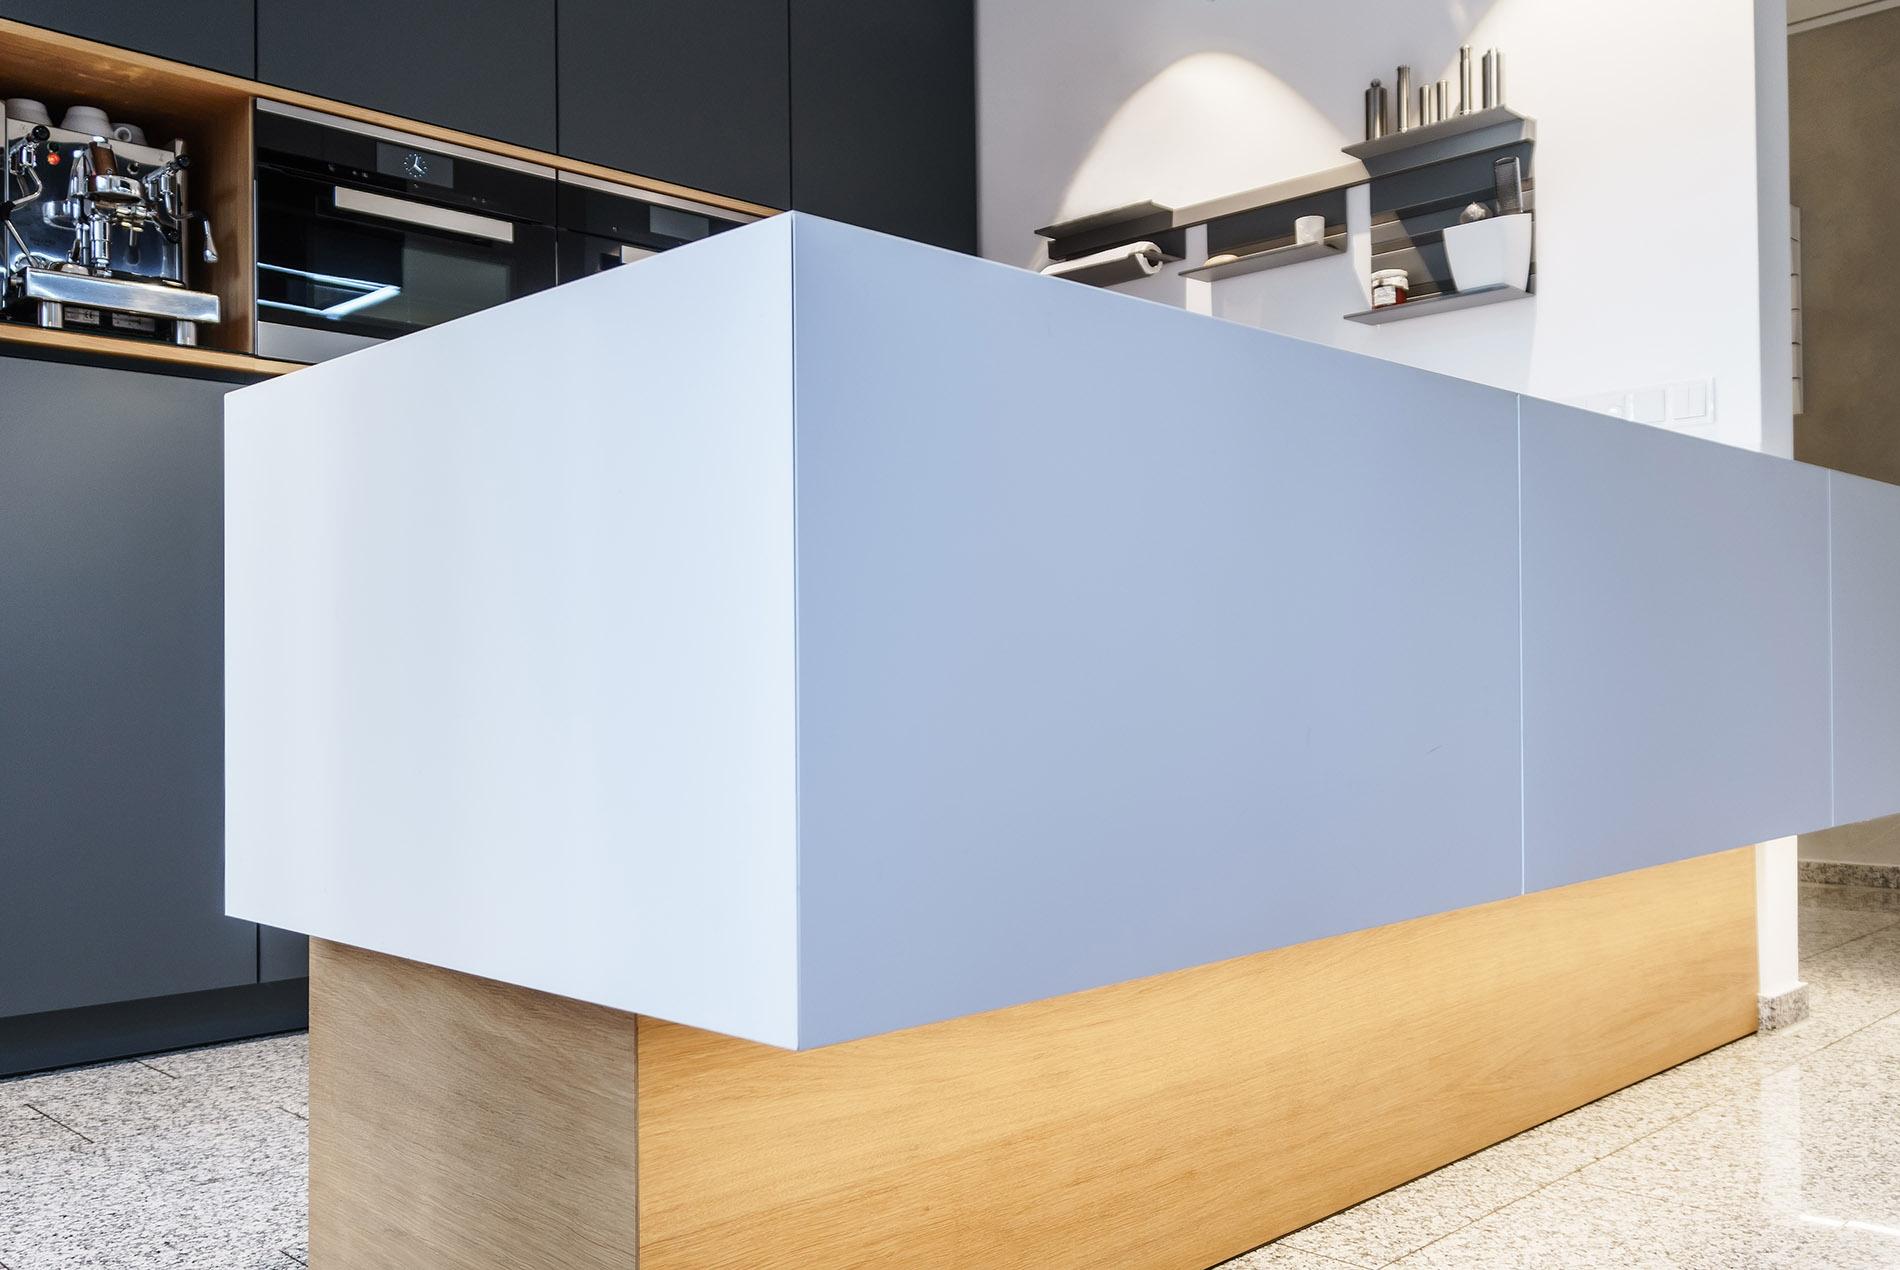 renovierung offene k che mit grauen fronten raumfabrik m nster. Black Bedroom Furniture Sets. Home Design Ideas